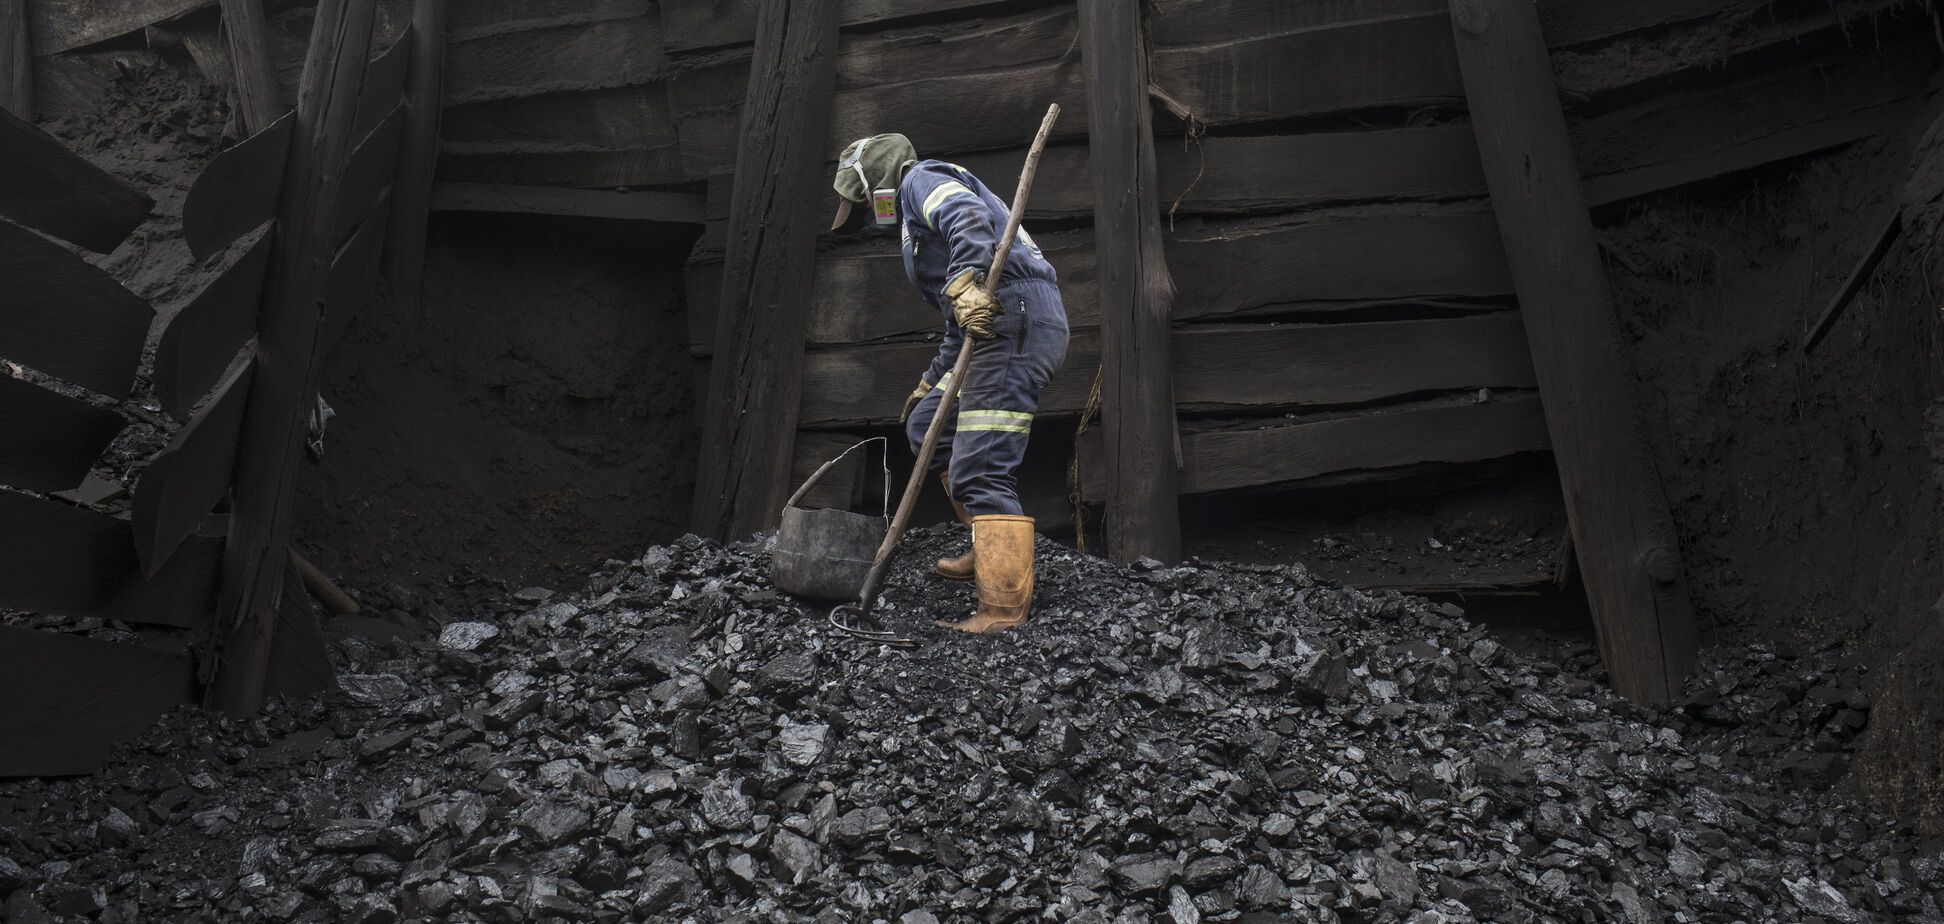 Вугілля 'Л/ДНР' в Європі: в Раді попередили про наслідки